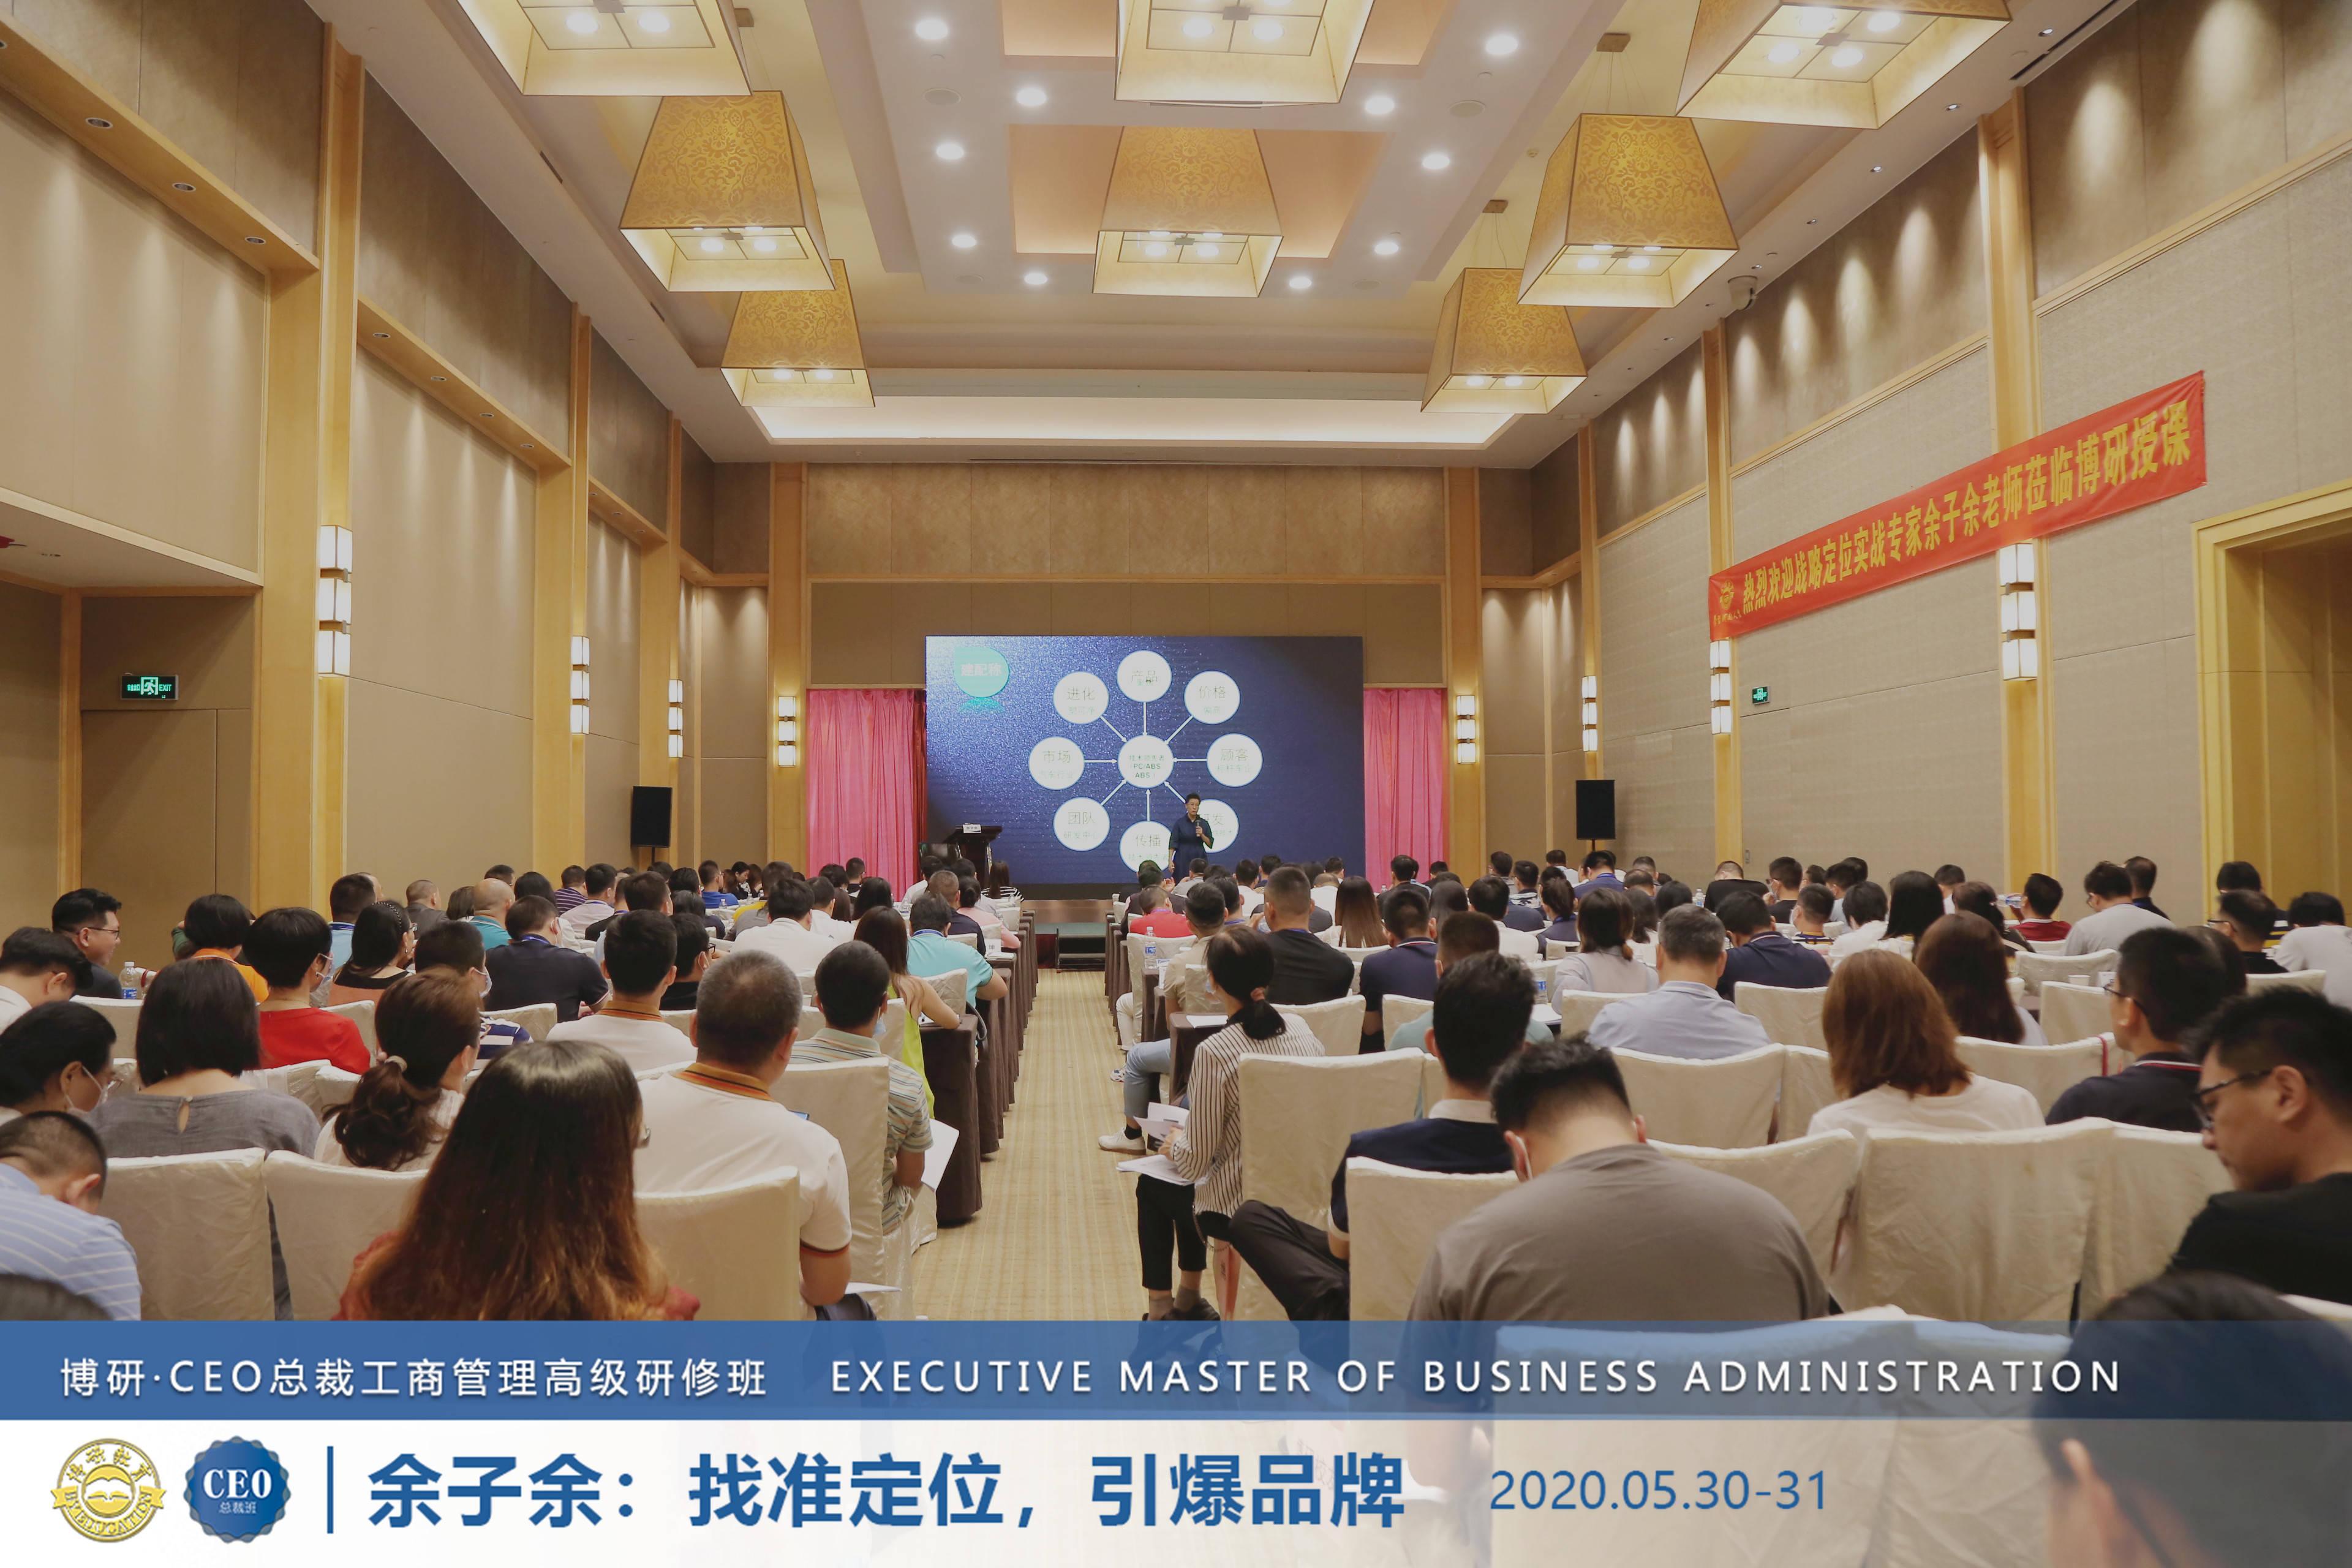 博研教育导师余子余莅临广州授课:找准定位,引爆品牌